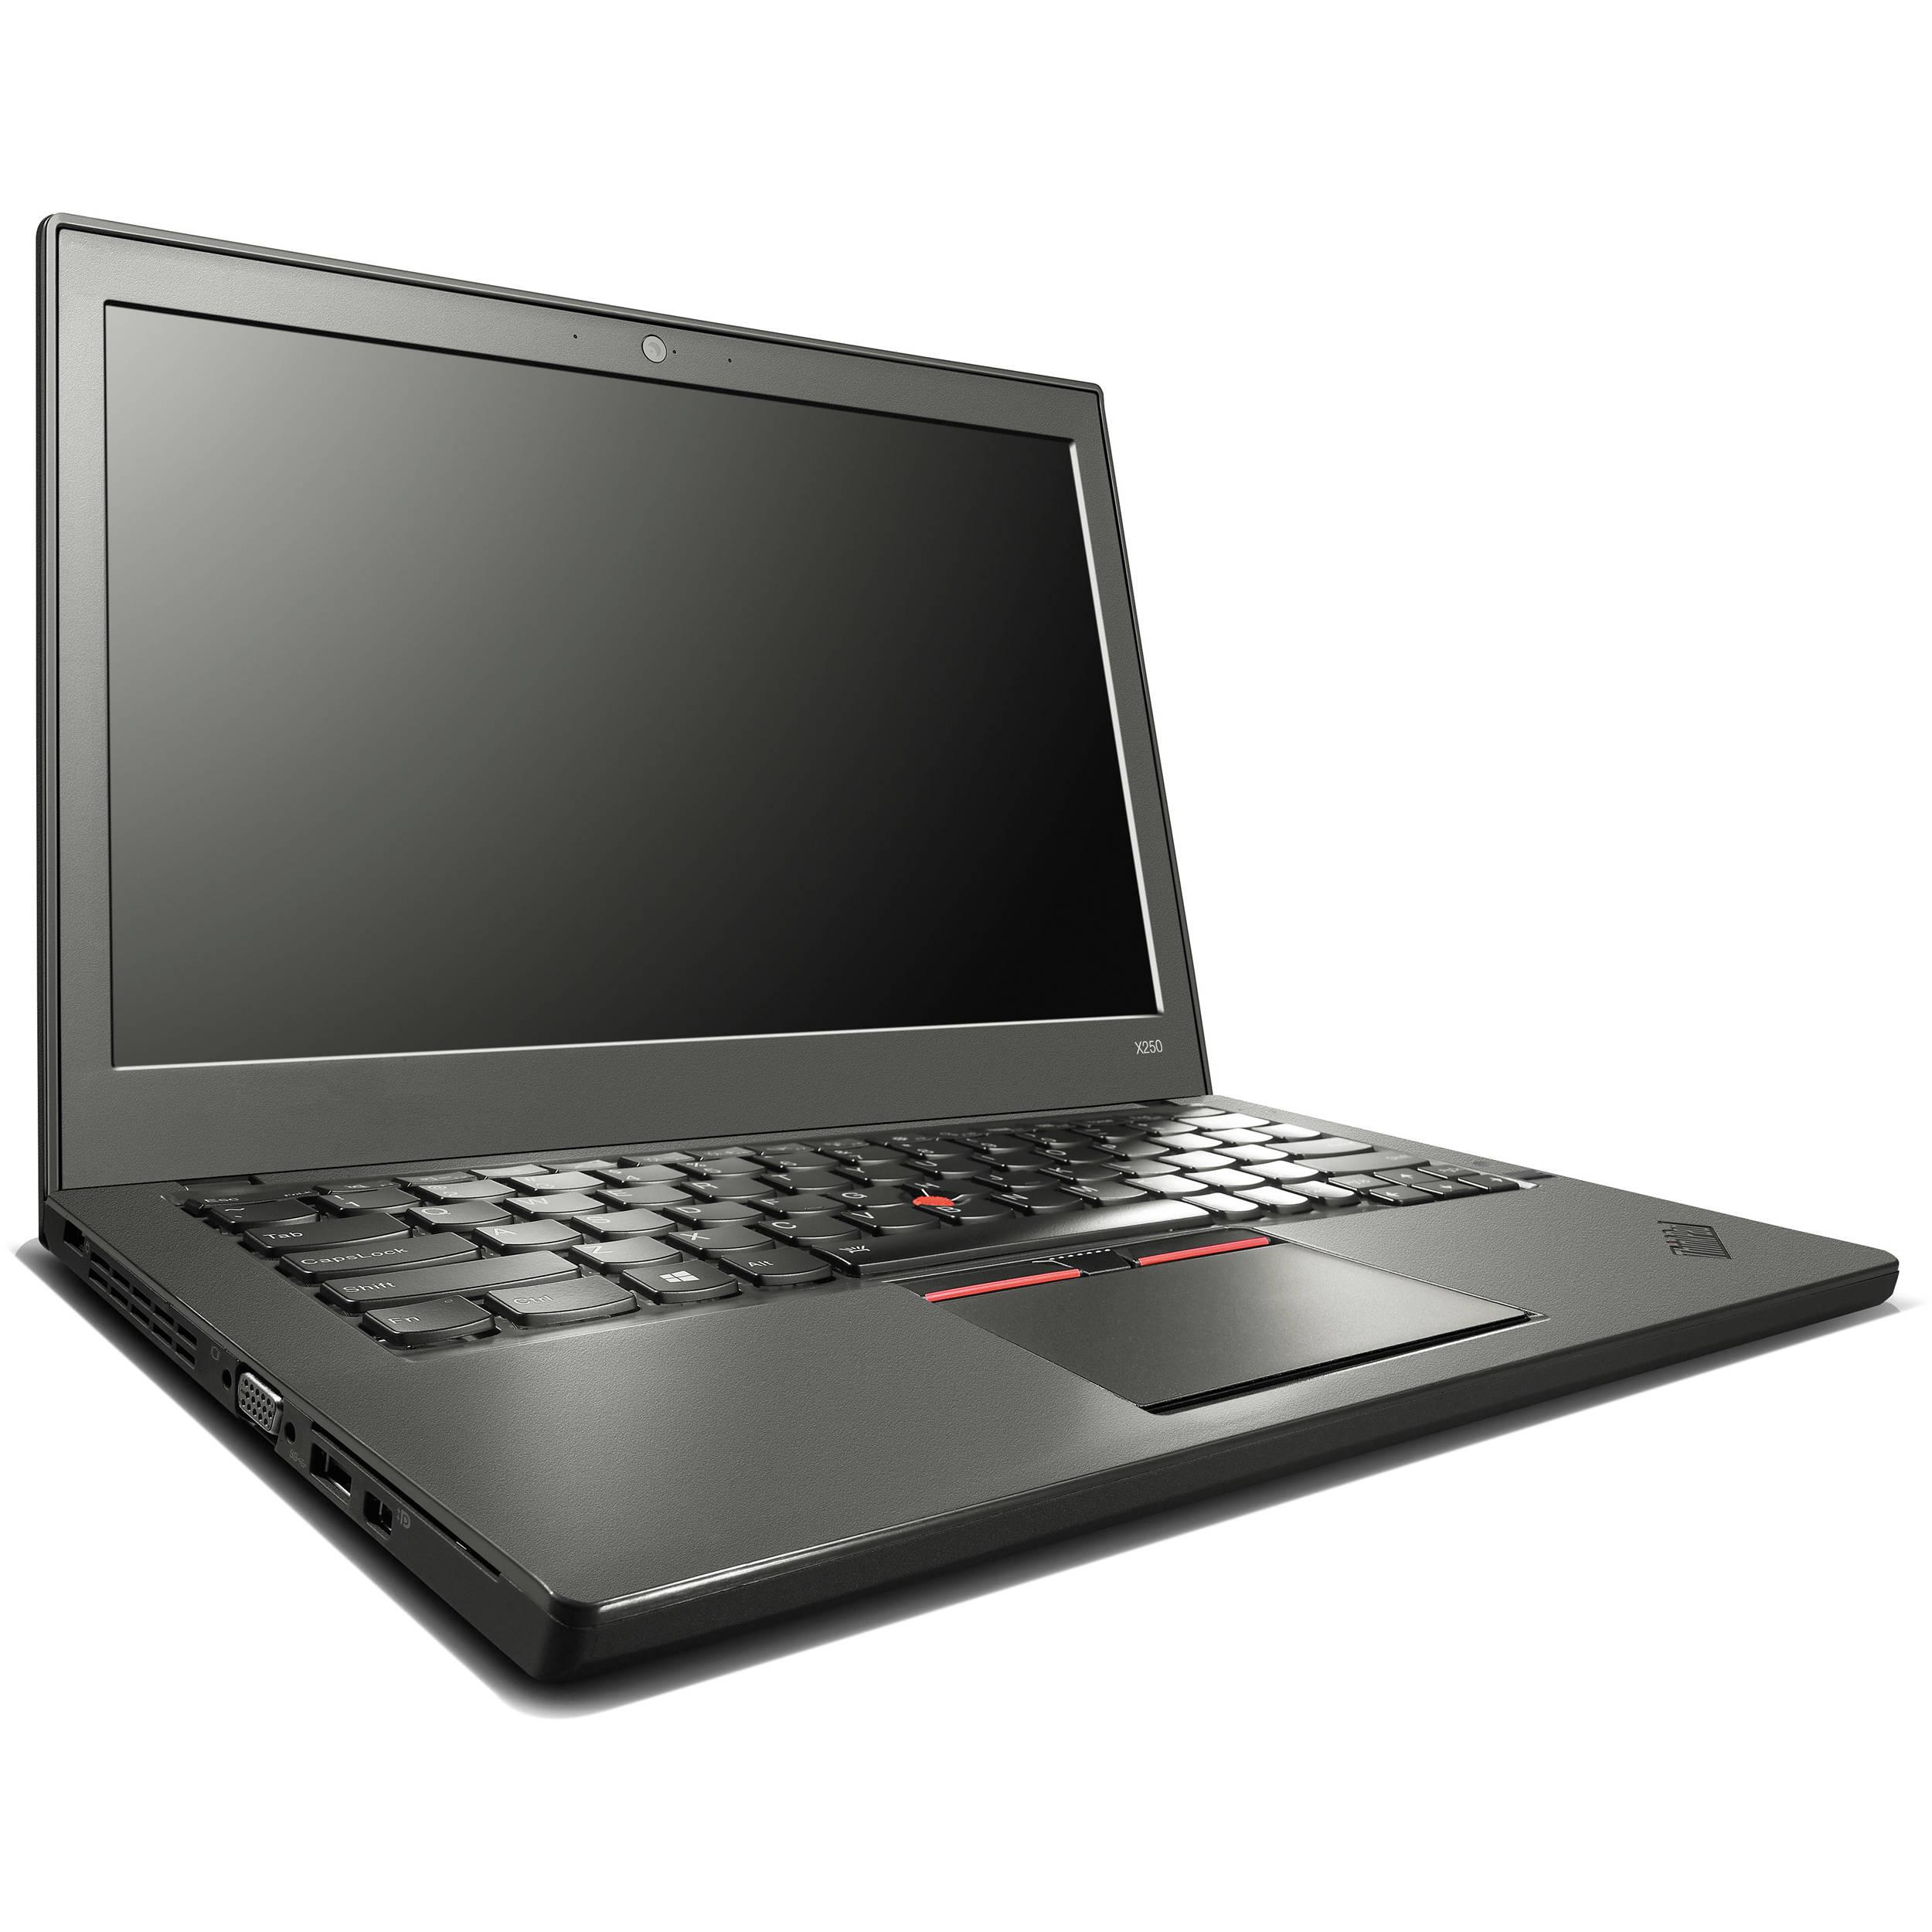 New Drivers: Lenovo ThinkPad X250 Alcor Card Reader